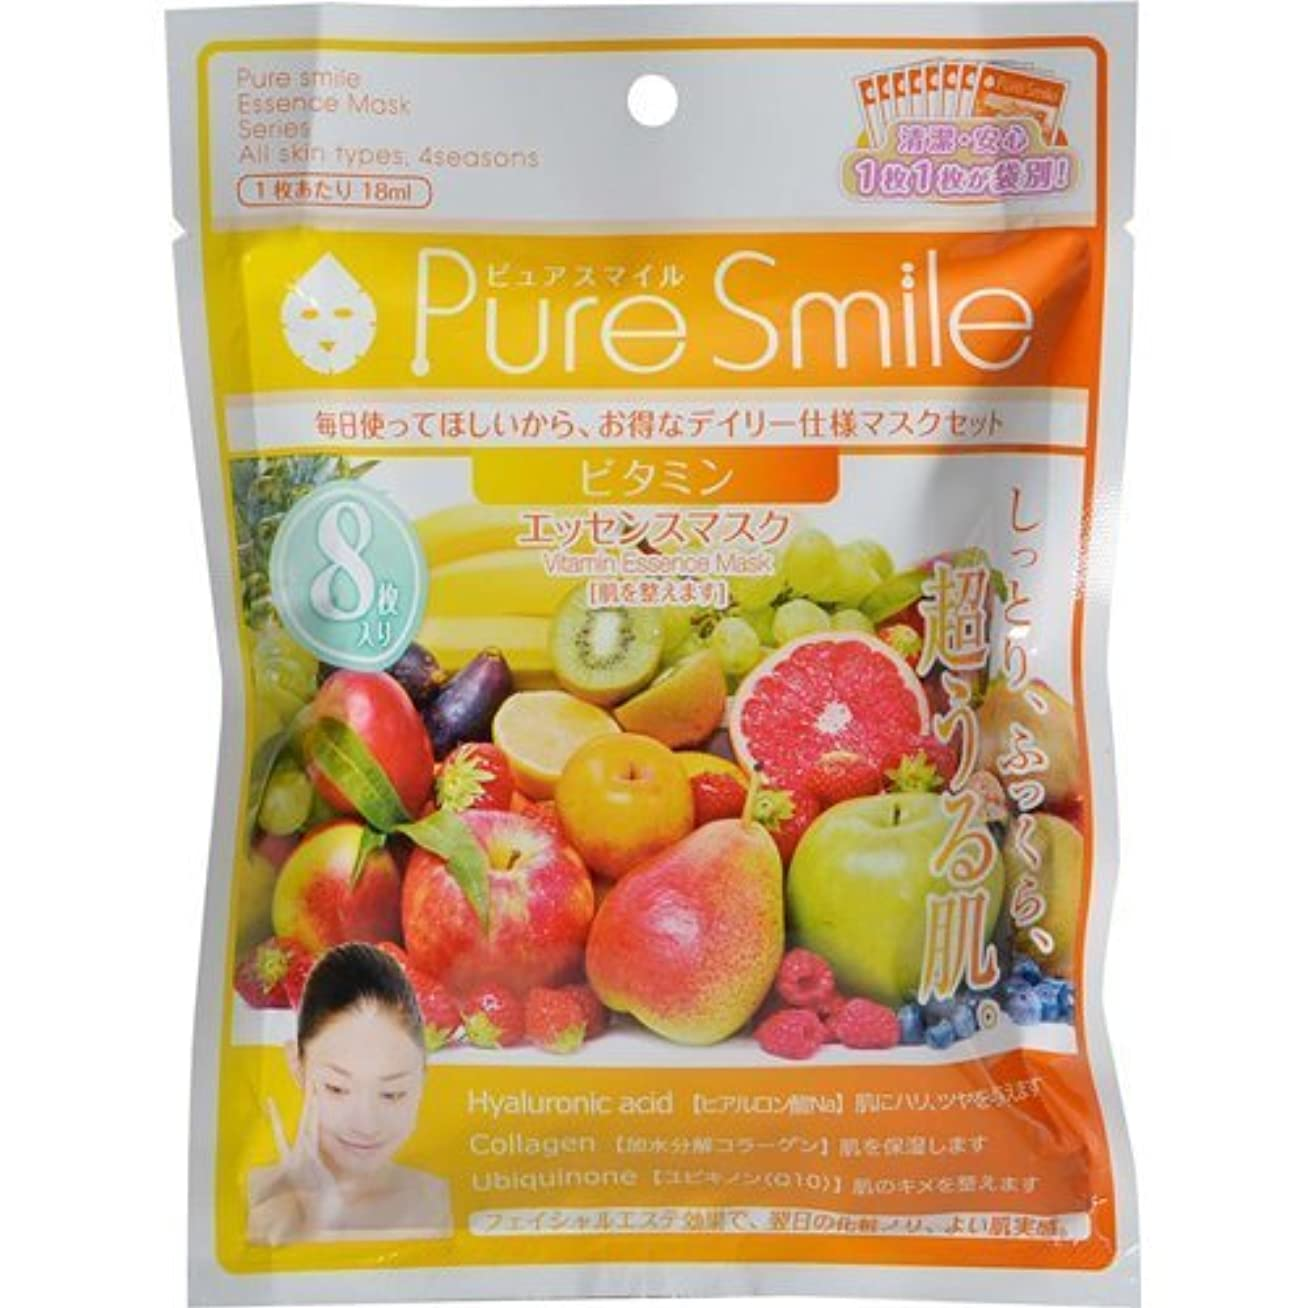 敬の念召集する捨てるPure Smile エッセンスマスク8枚セット ビタミン 8枚